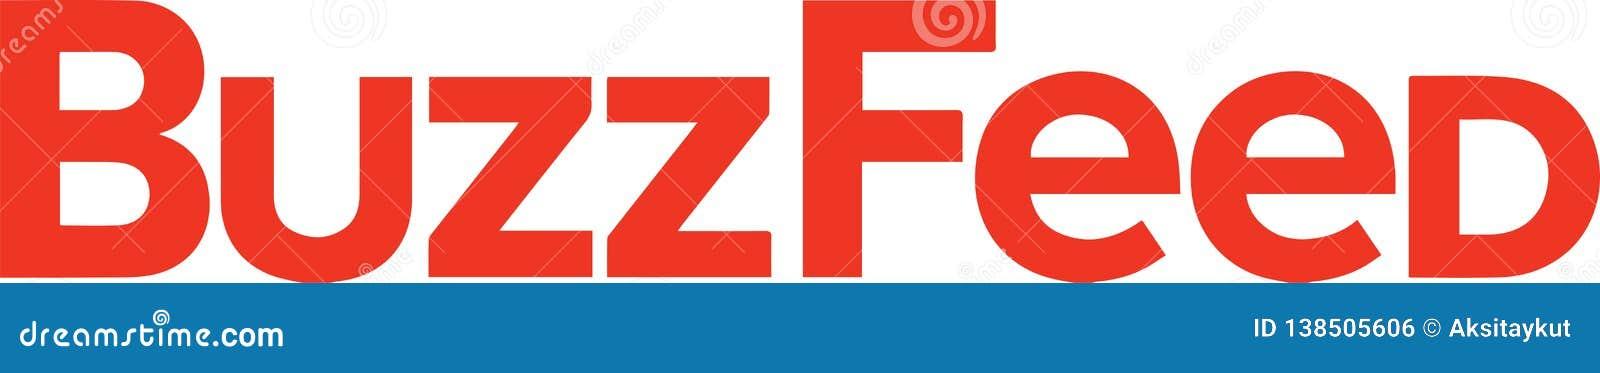 Noticias del logotipo de BuzzFeed